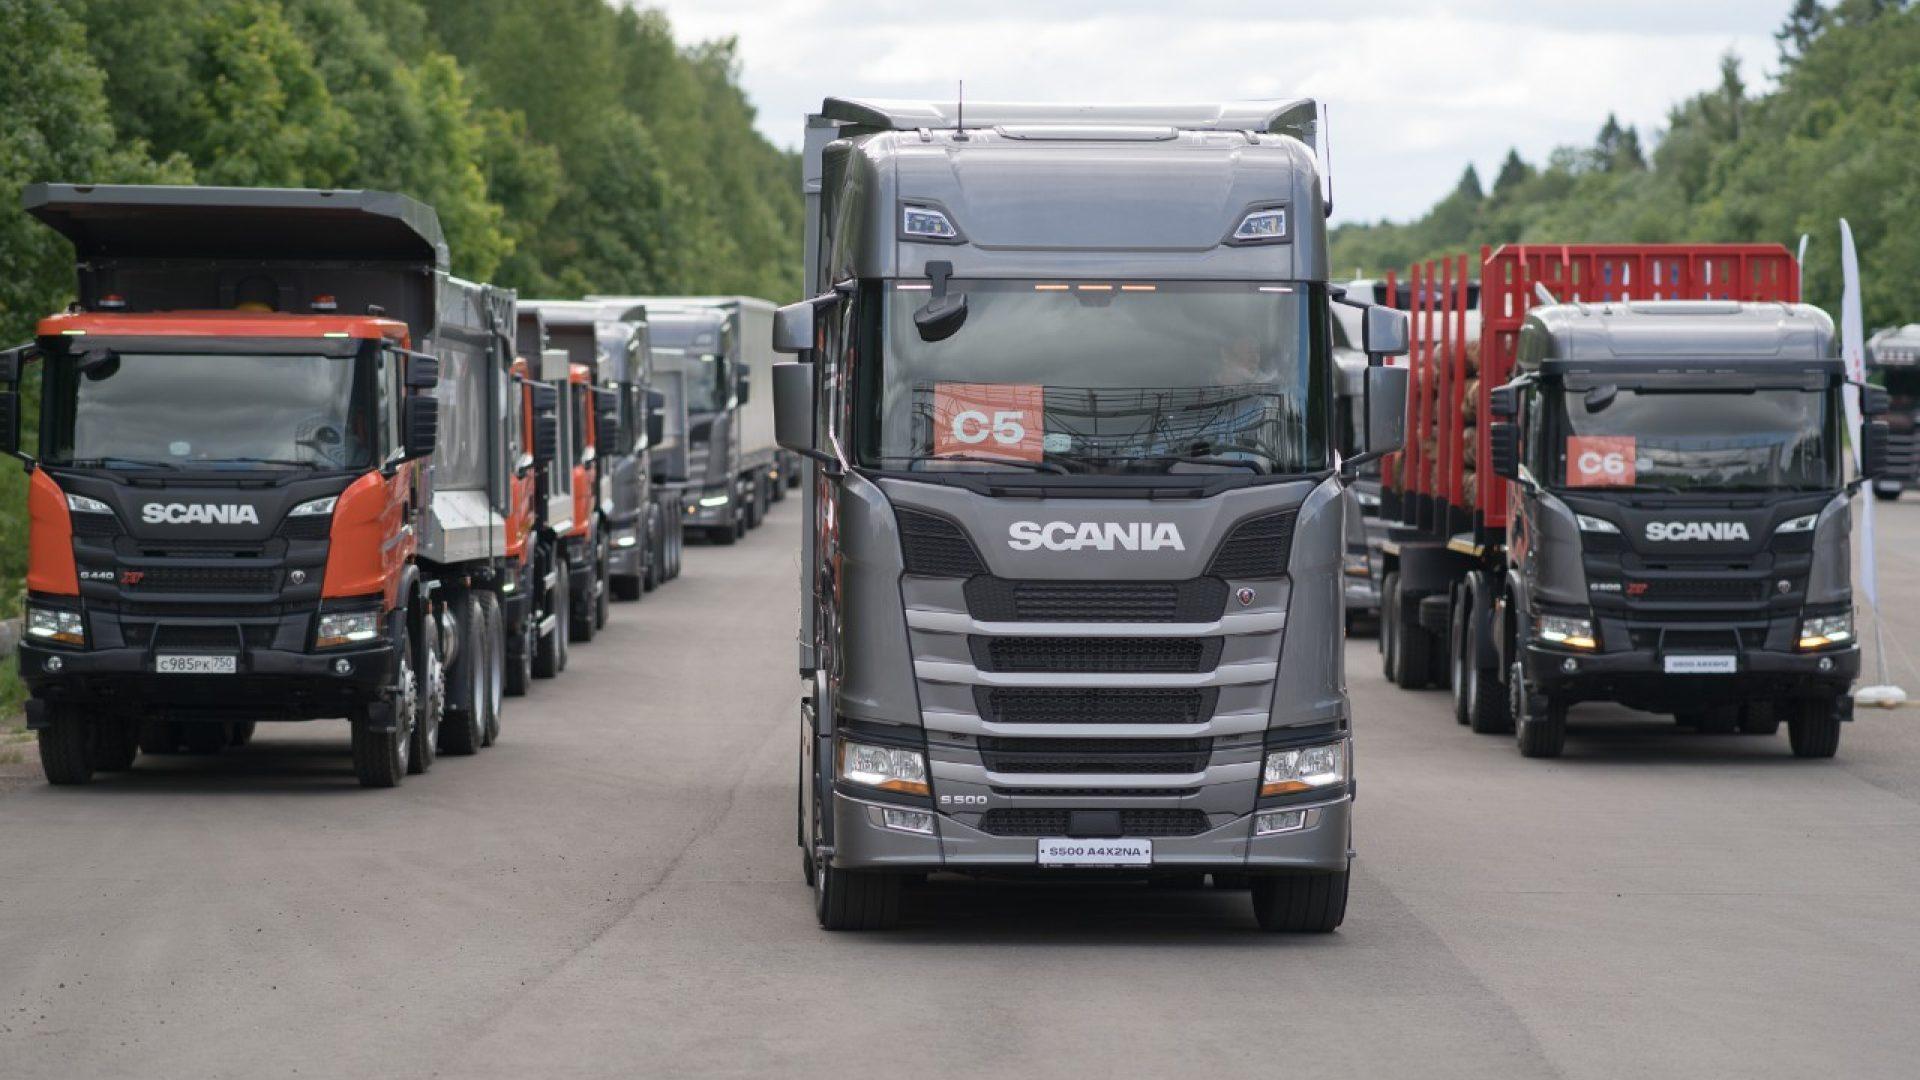 Мишлен предоставил шины для российской презентации грузовиков Scania нового поколения